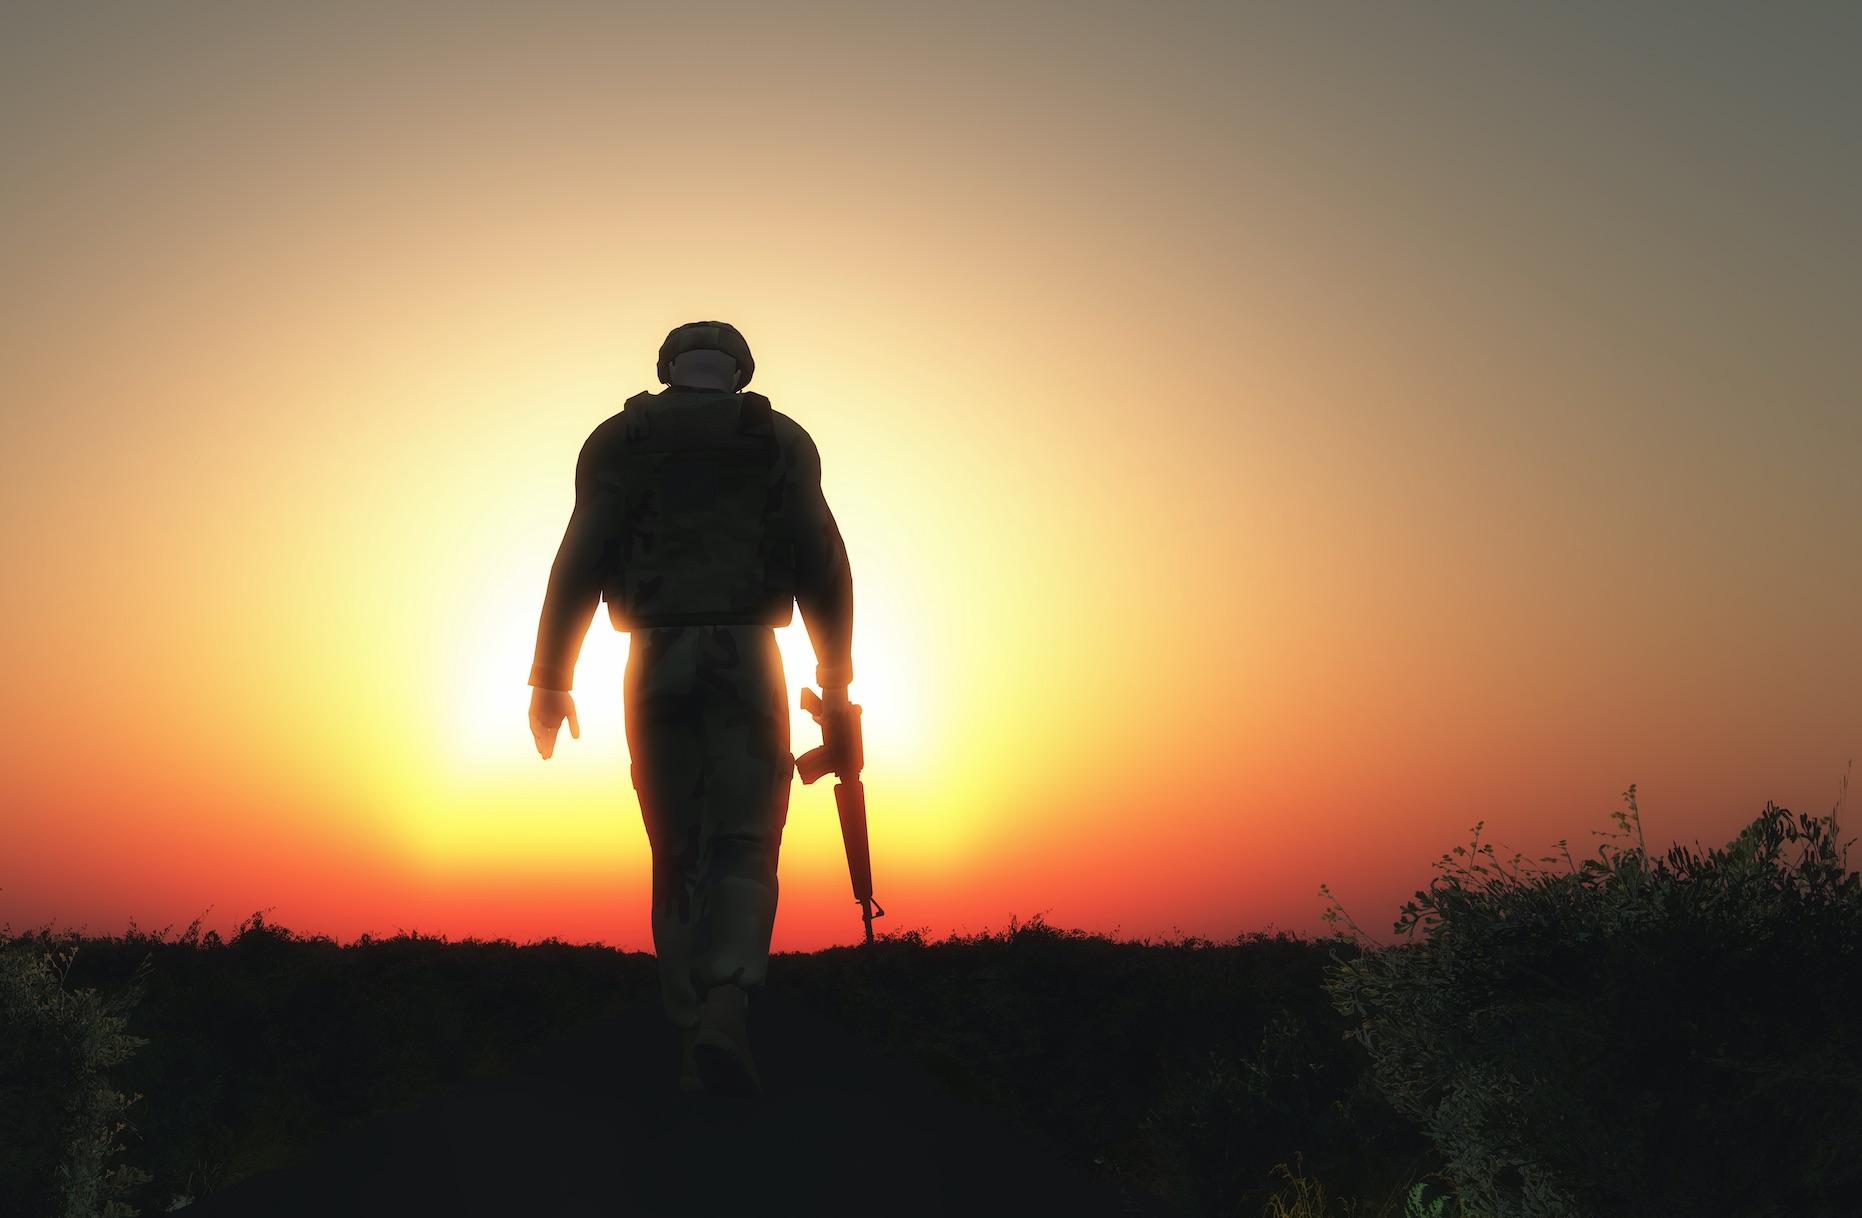 Askeri Komutanlıkların Gaspı Suçu Hakkında Genel Bilgiler